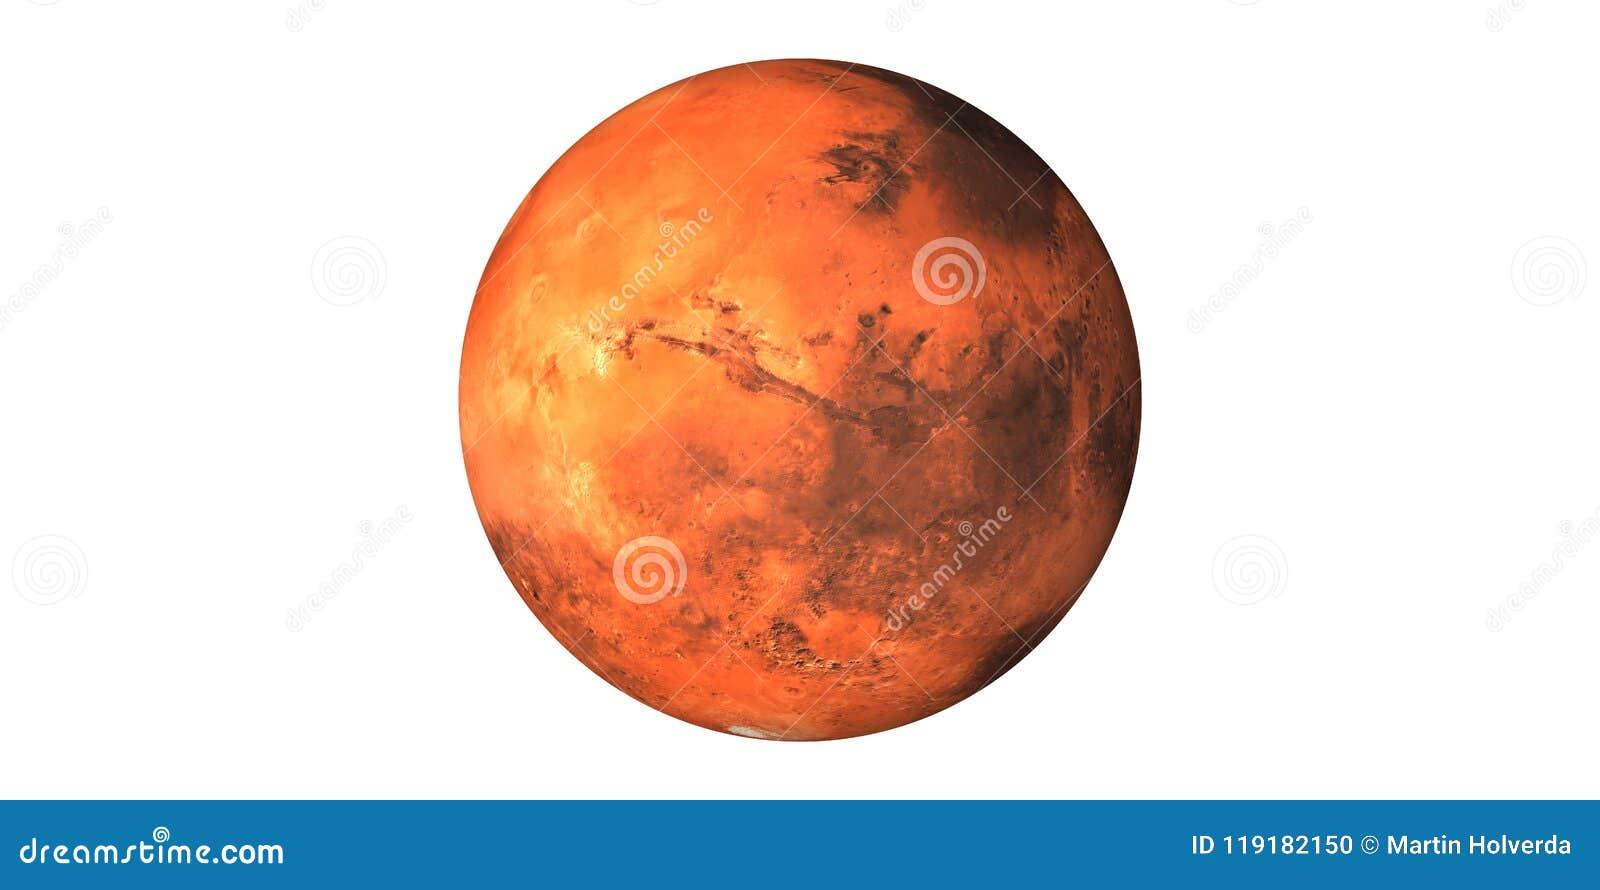 火星从空间看见的红色行星